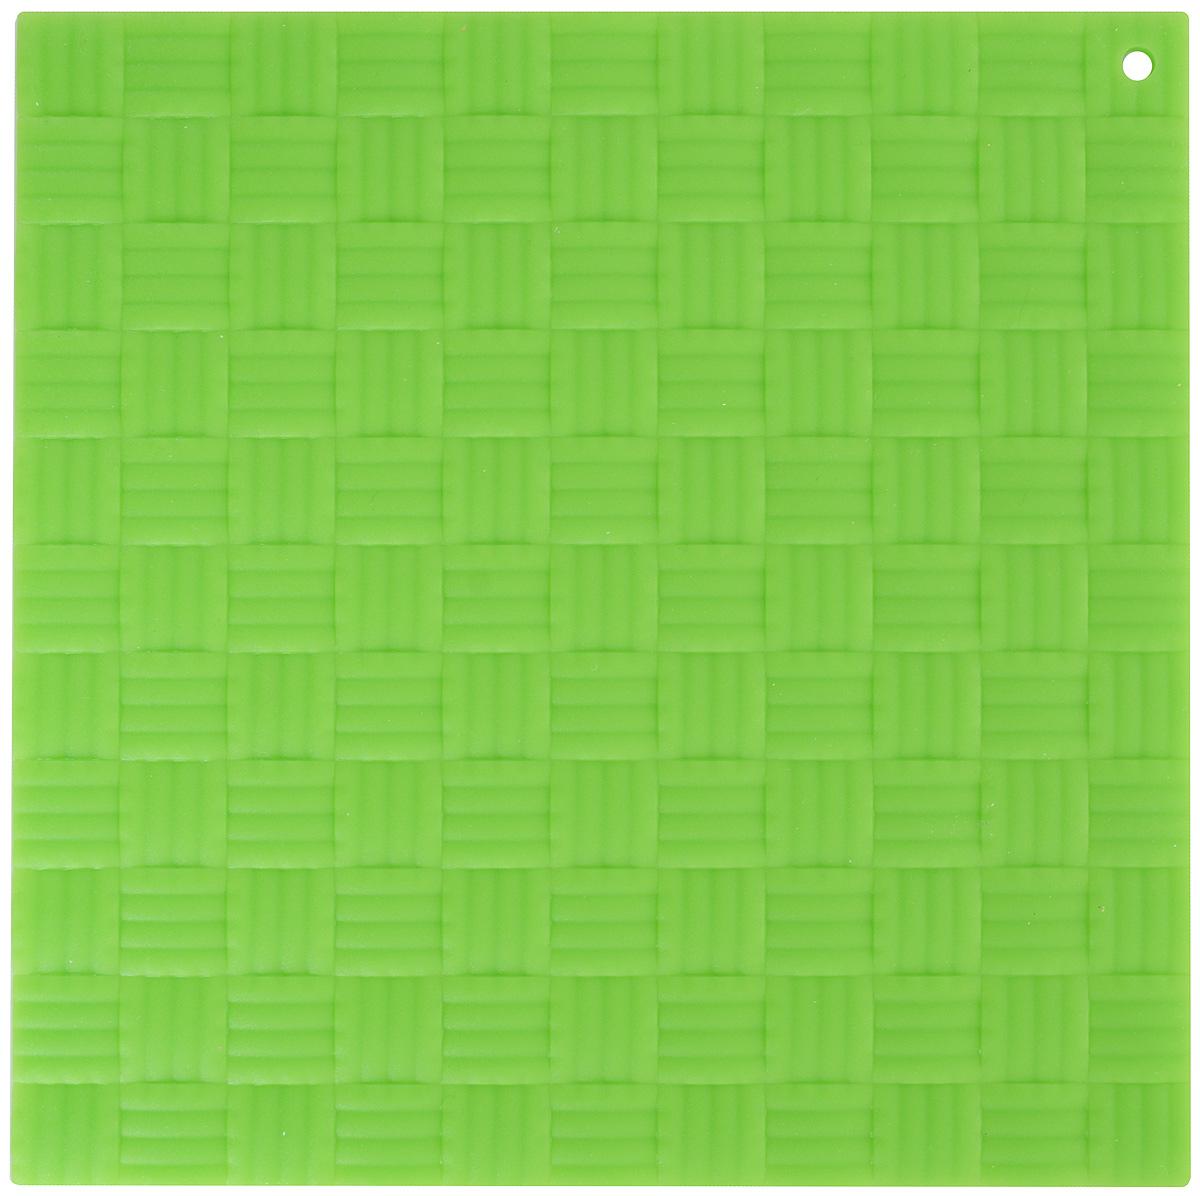 Подставка под горячее Paterra, силиконовая, цвет: зеленый, 17,5 х 17,5 см402-499_зеленыйПодставка под горячее Paterra изготовлена из силикона и оснащена специальным отверстием для подвешивания. Материал позволяет выдерживать высокие температуры и не скользит по поверхности стола.Каждая хозяйка знает, что подставка под горячее - это незаменимый и очень полезный аксессуар на каждойкухне. Ваш стол будет не только украшен яркой и оригинальной подставкой, но и сбережен от воздействия высоких температур.